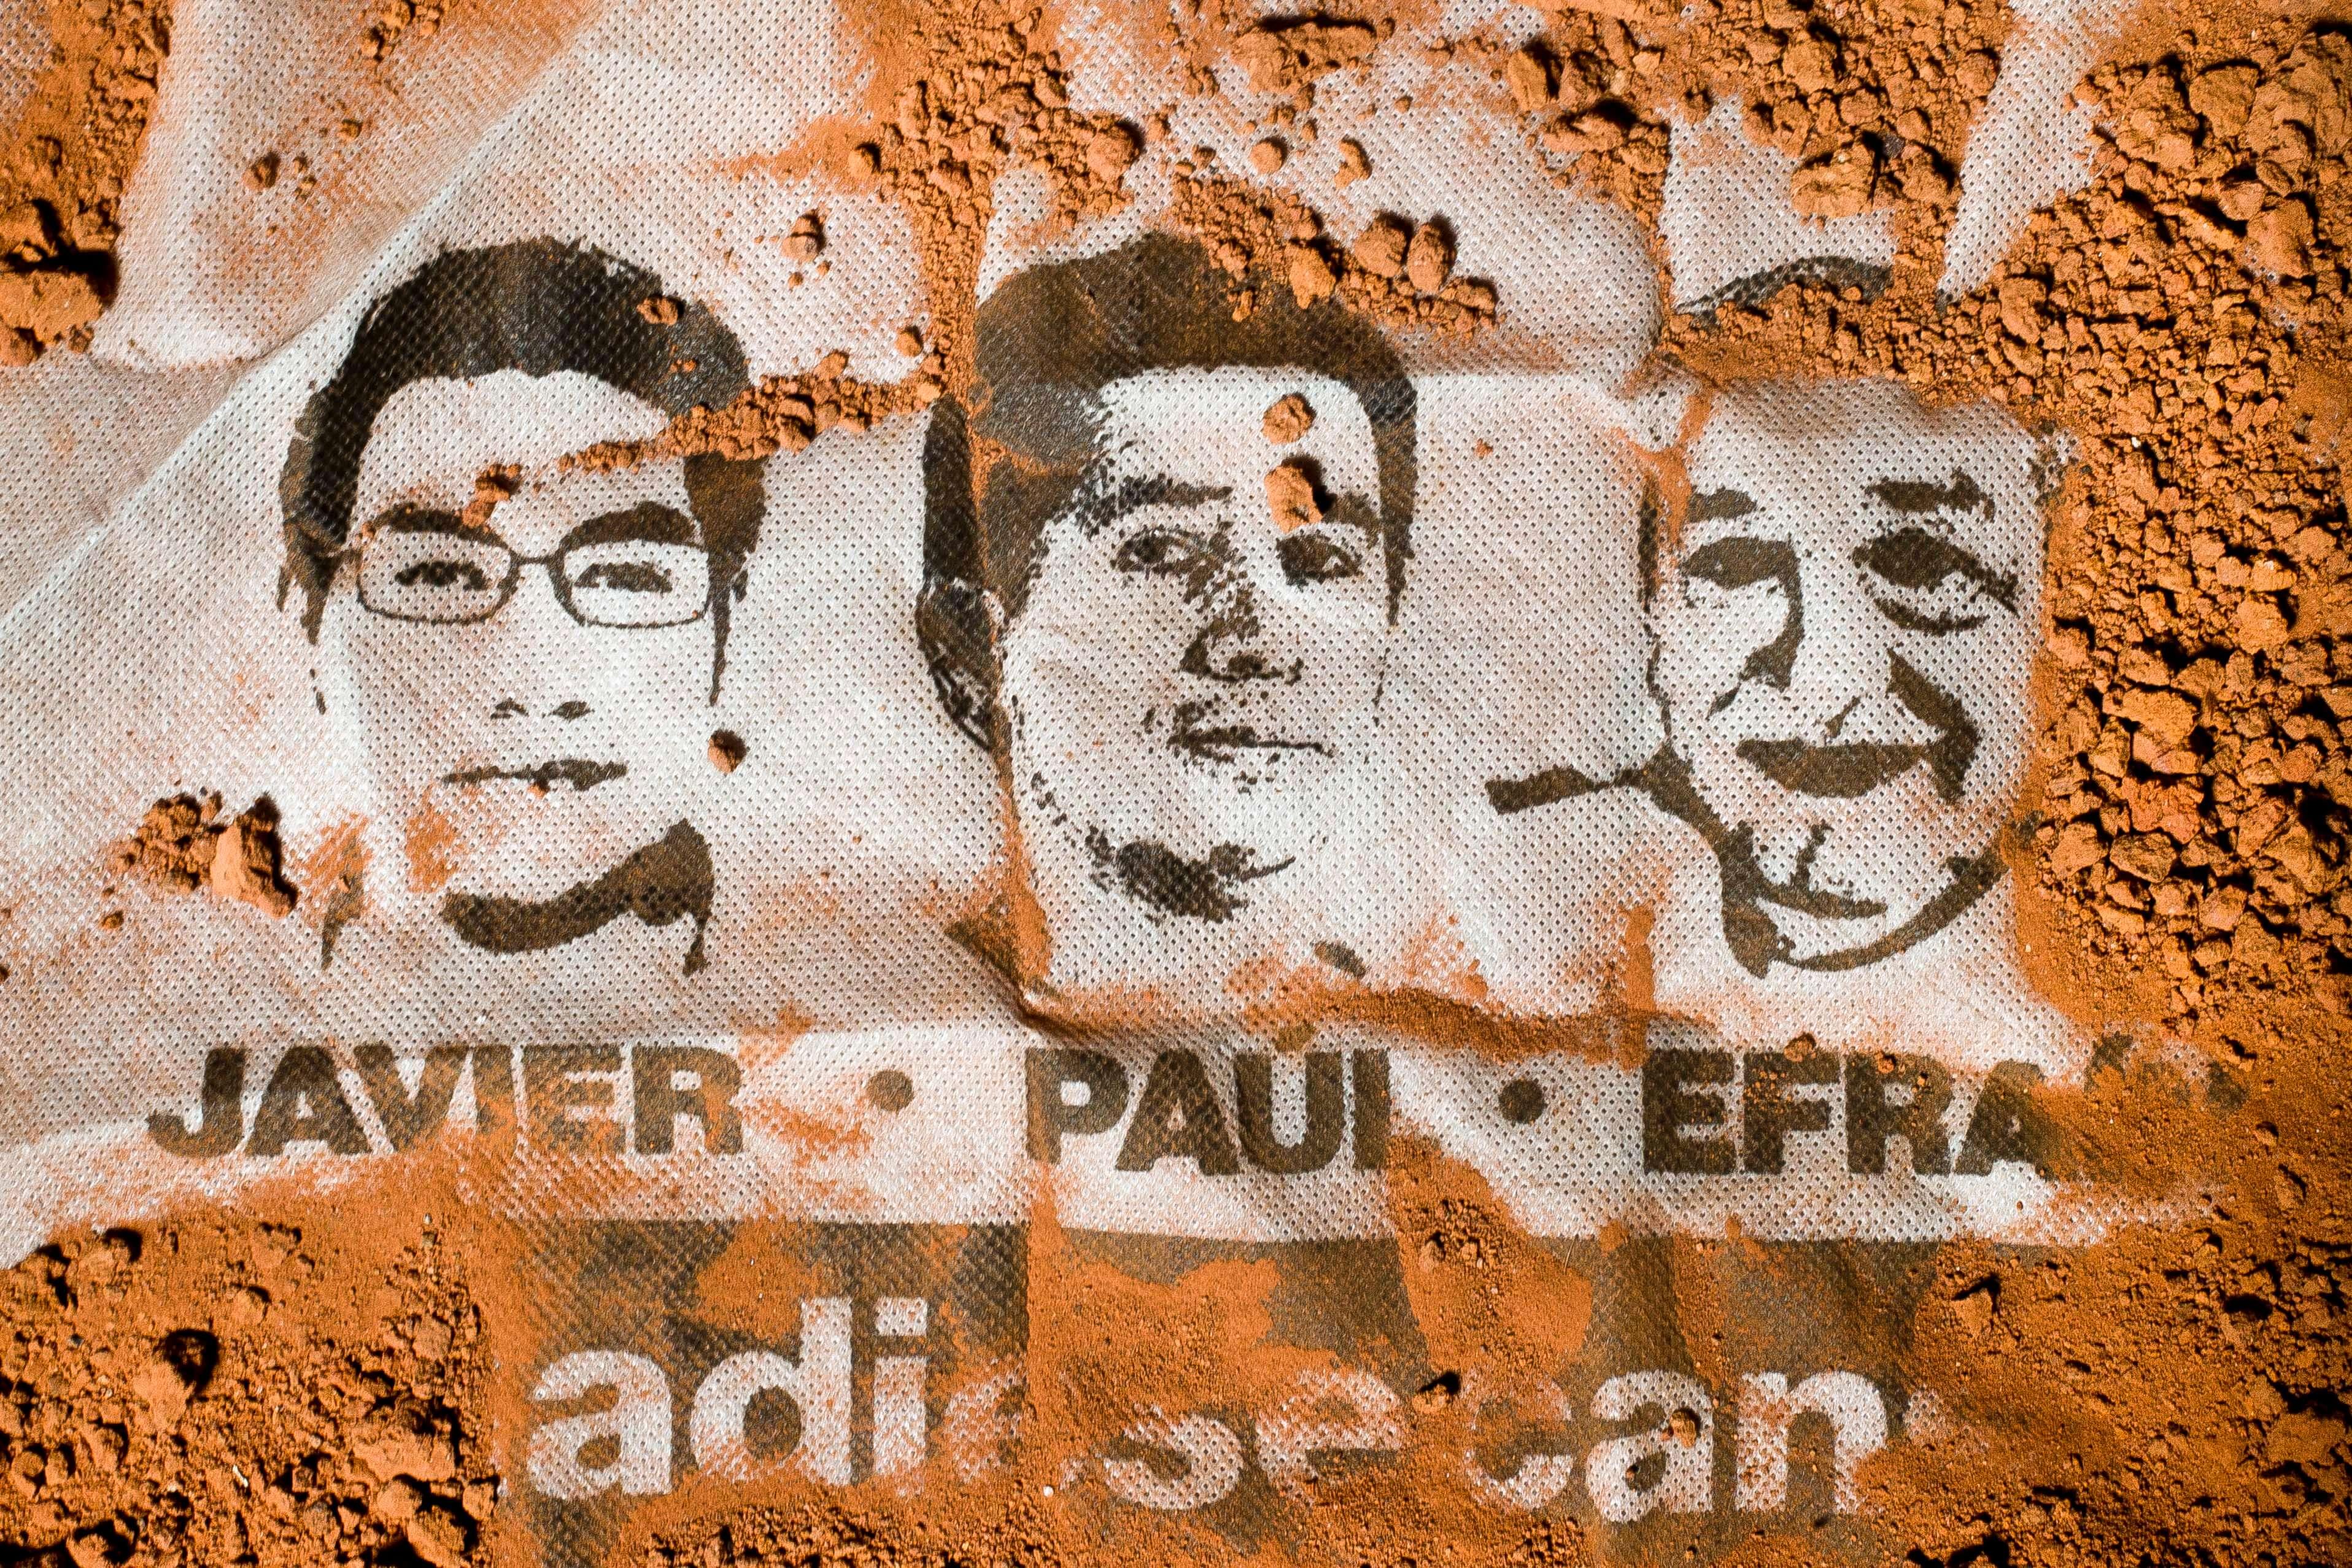 Asesinato de periodistas ecuatorianos: manual para ocultar violaciones de derechos humanos